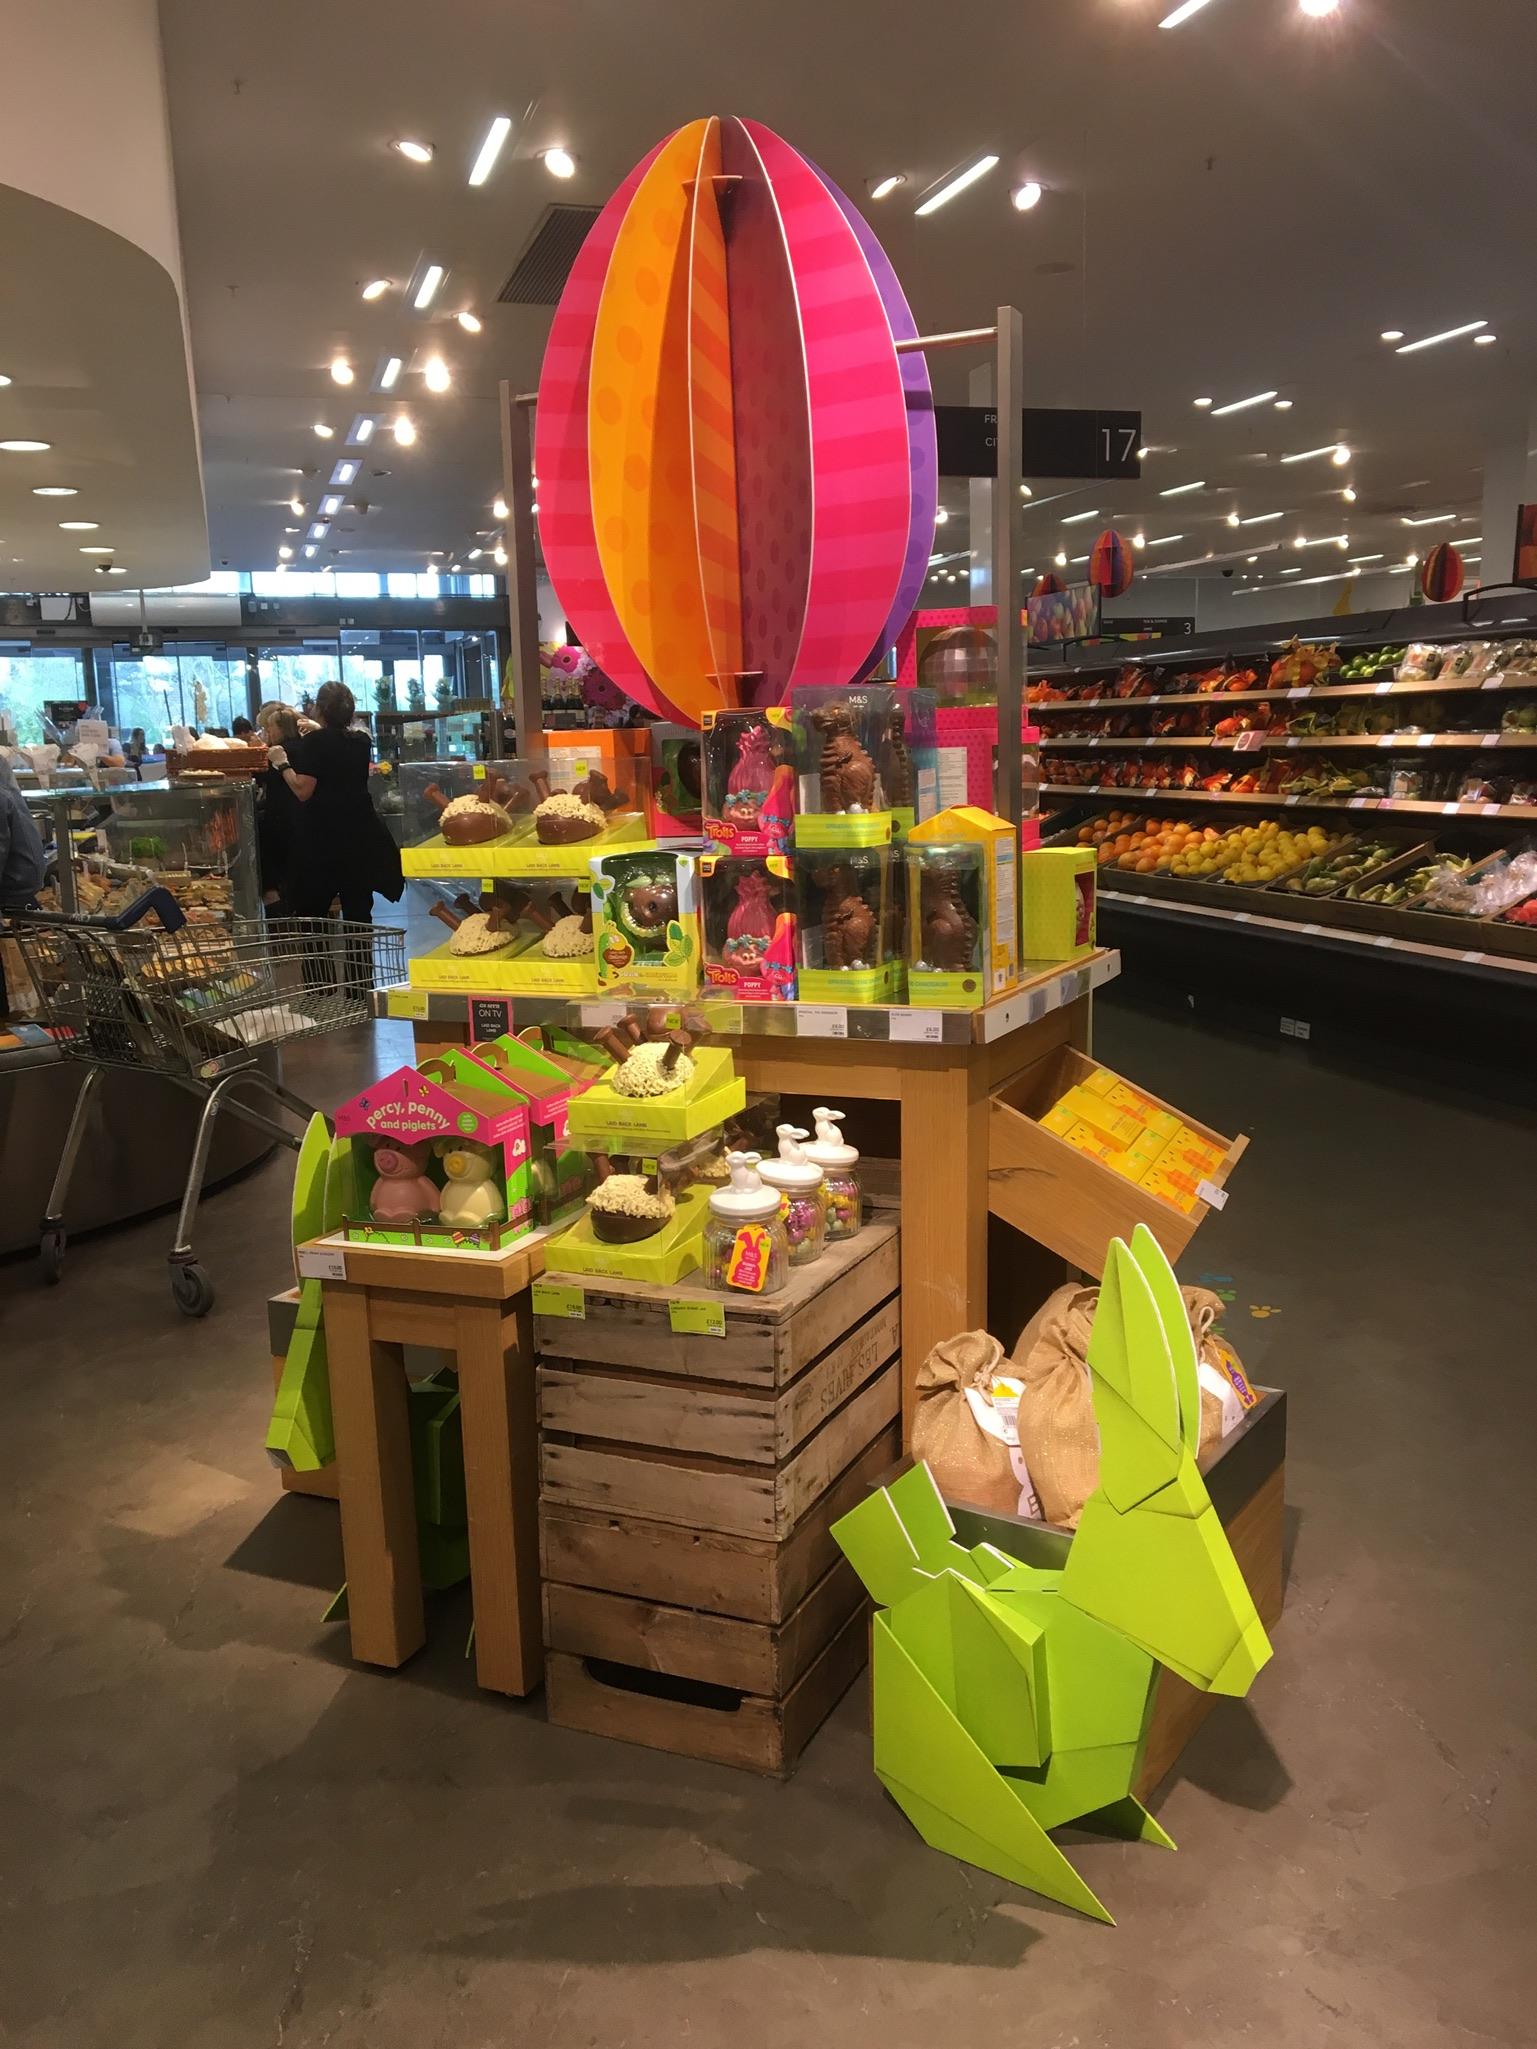 фото идей представленности товаров в магазине отца своего